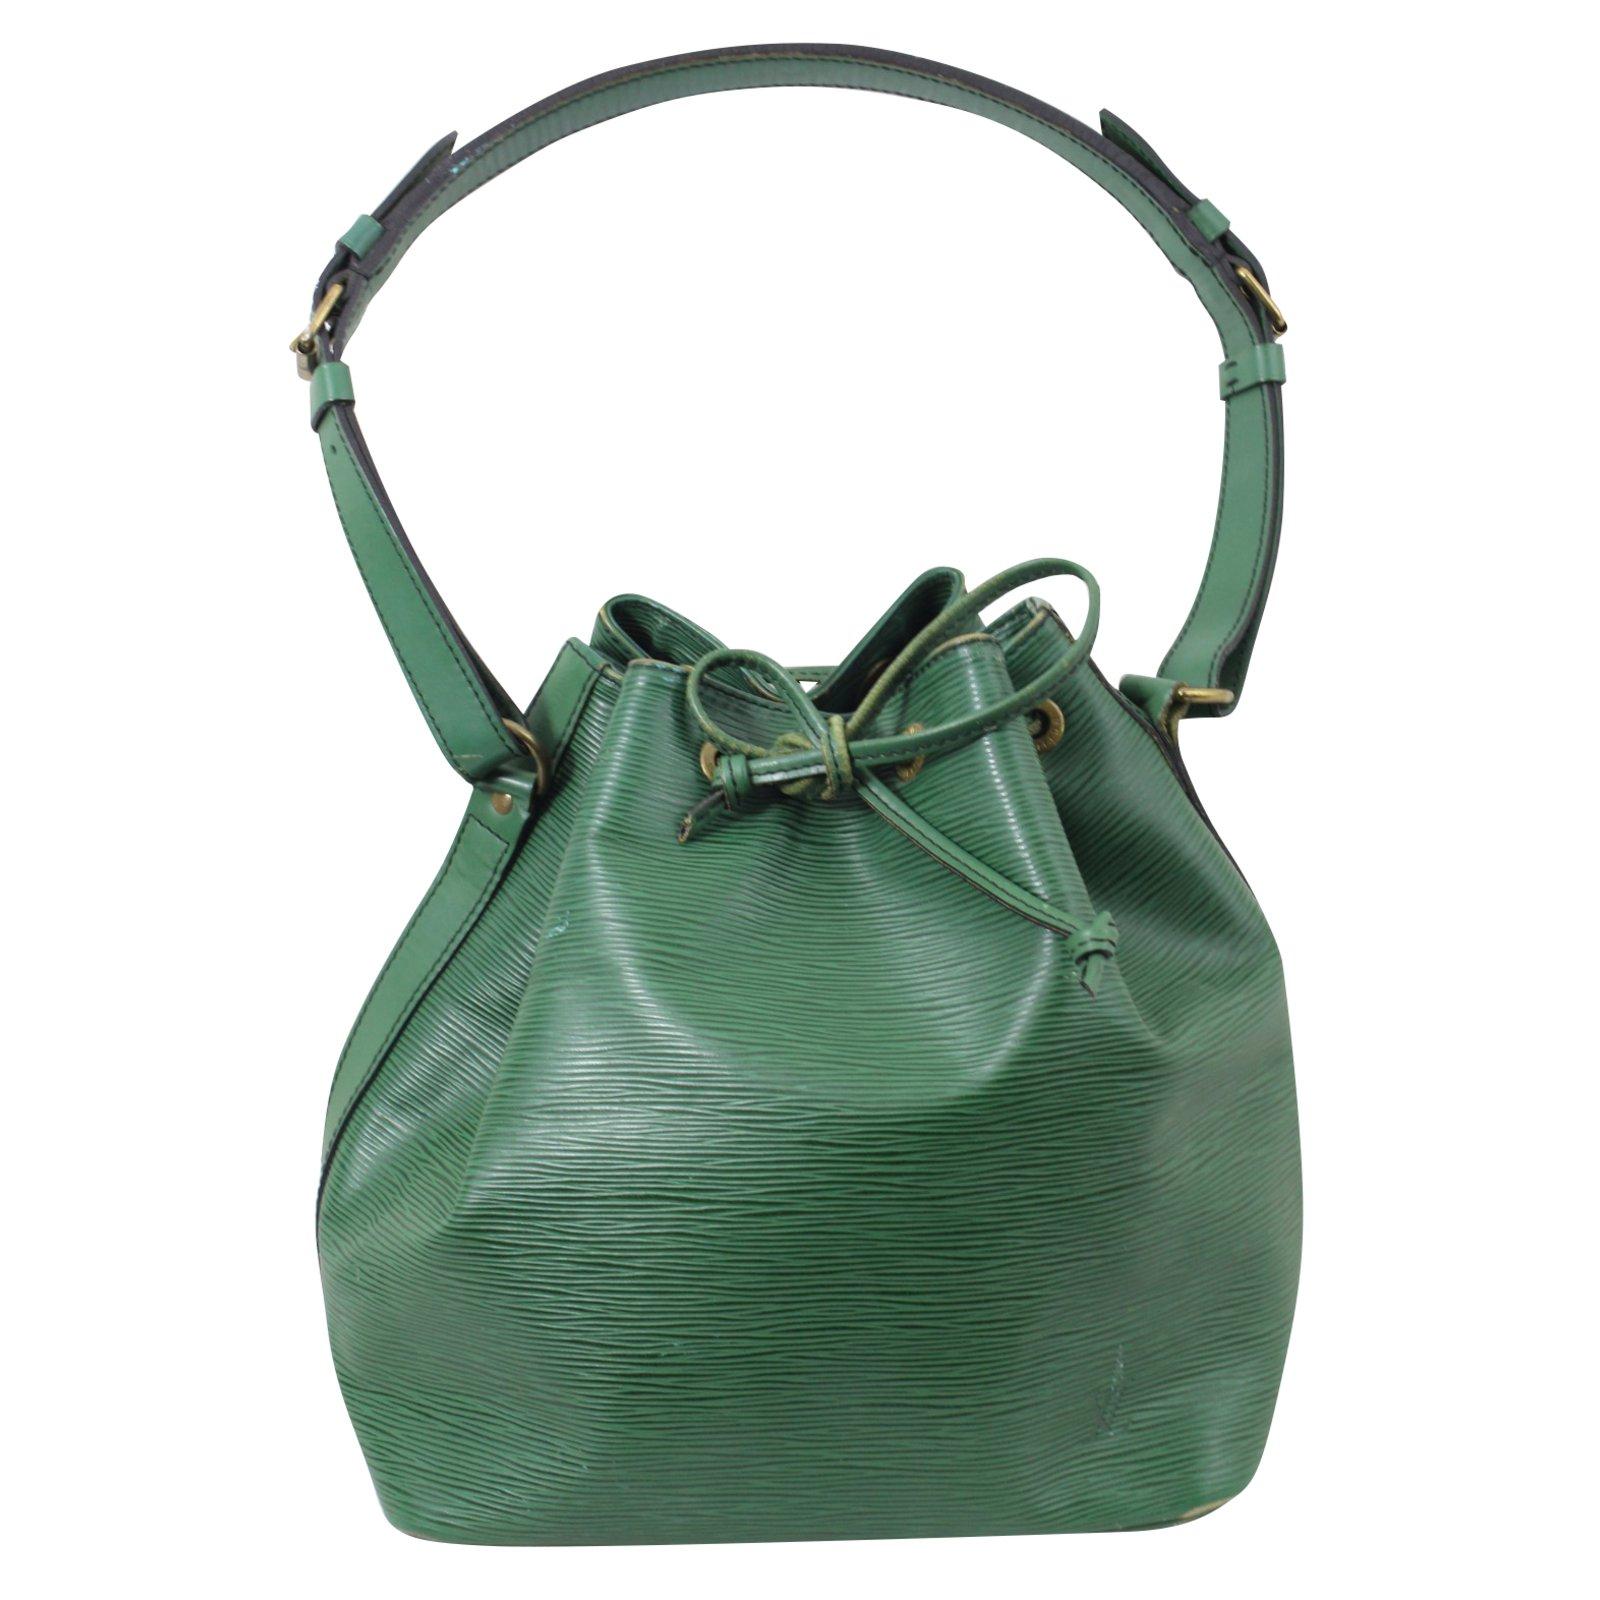 b4eec7e521bf Sacs à main Louis Vuitton Noe Epi Cuir Vert ref.51948 - Joli Closet